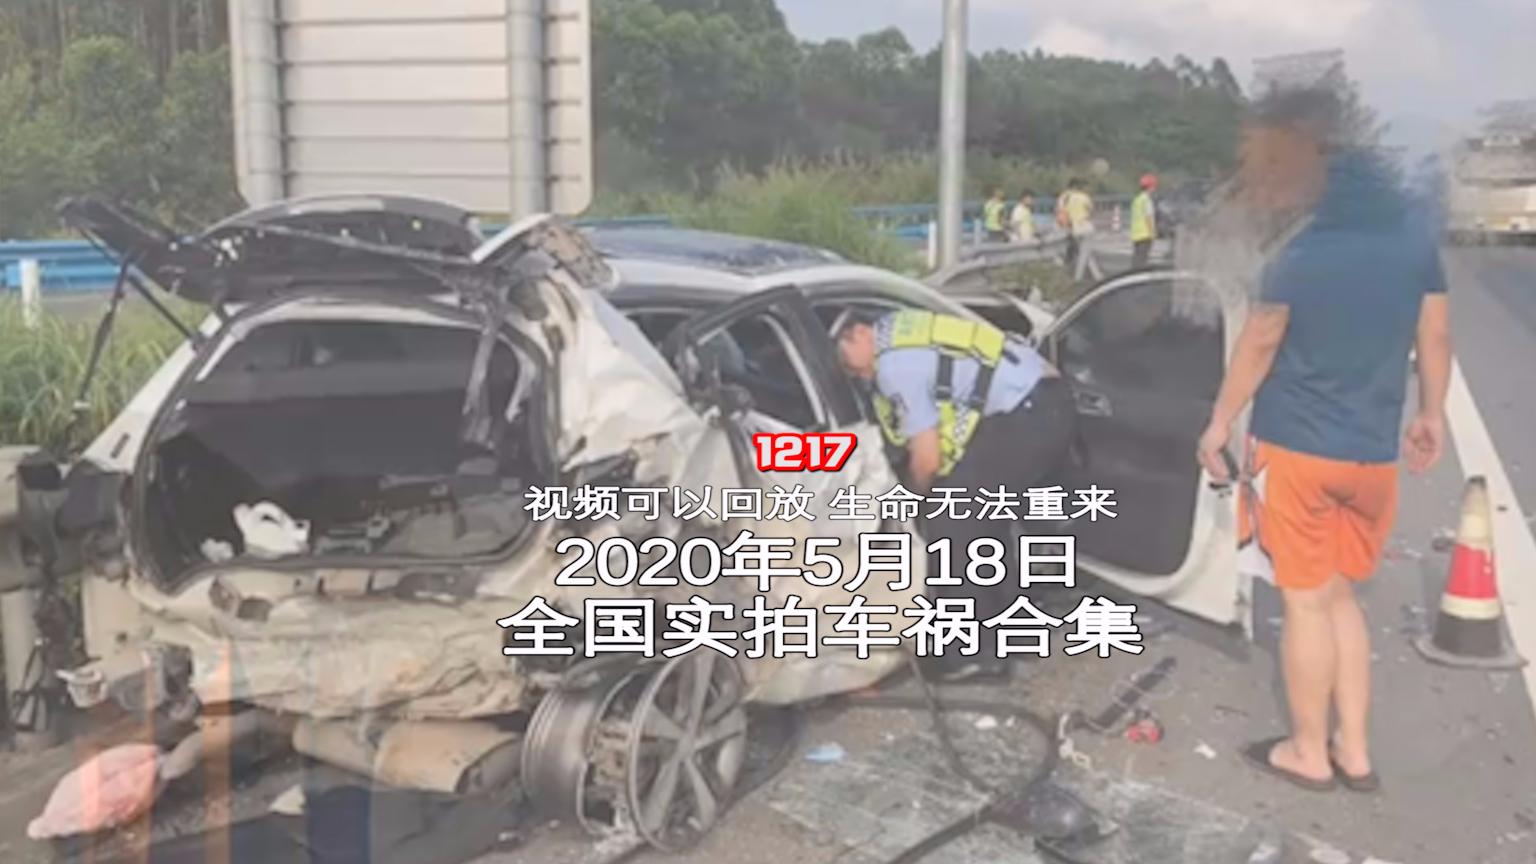 1217期:大货车爆胎把路过小伙子炸飞【20200518全国车祸合集】